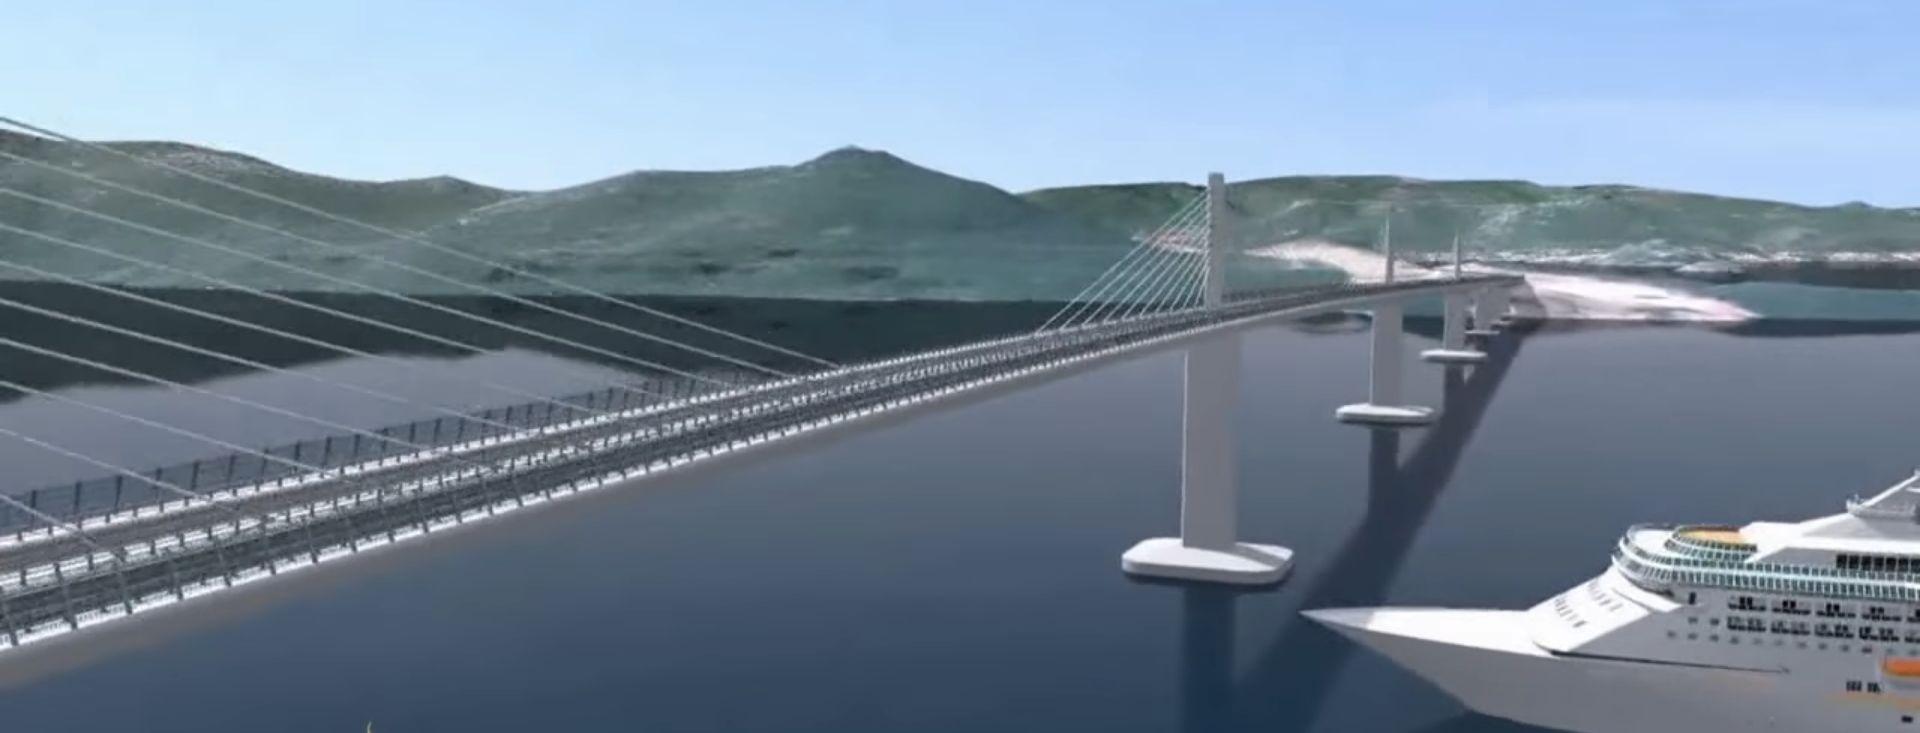 Danas potpisivanje ugovora o izgradnji Pelješkog mosta